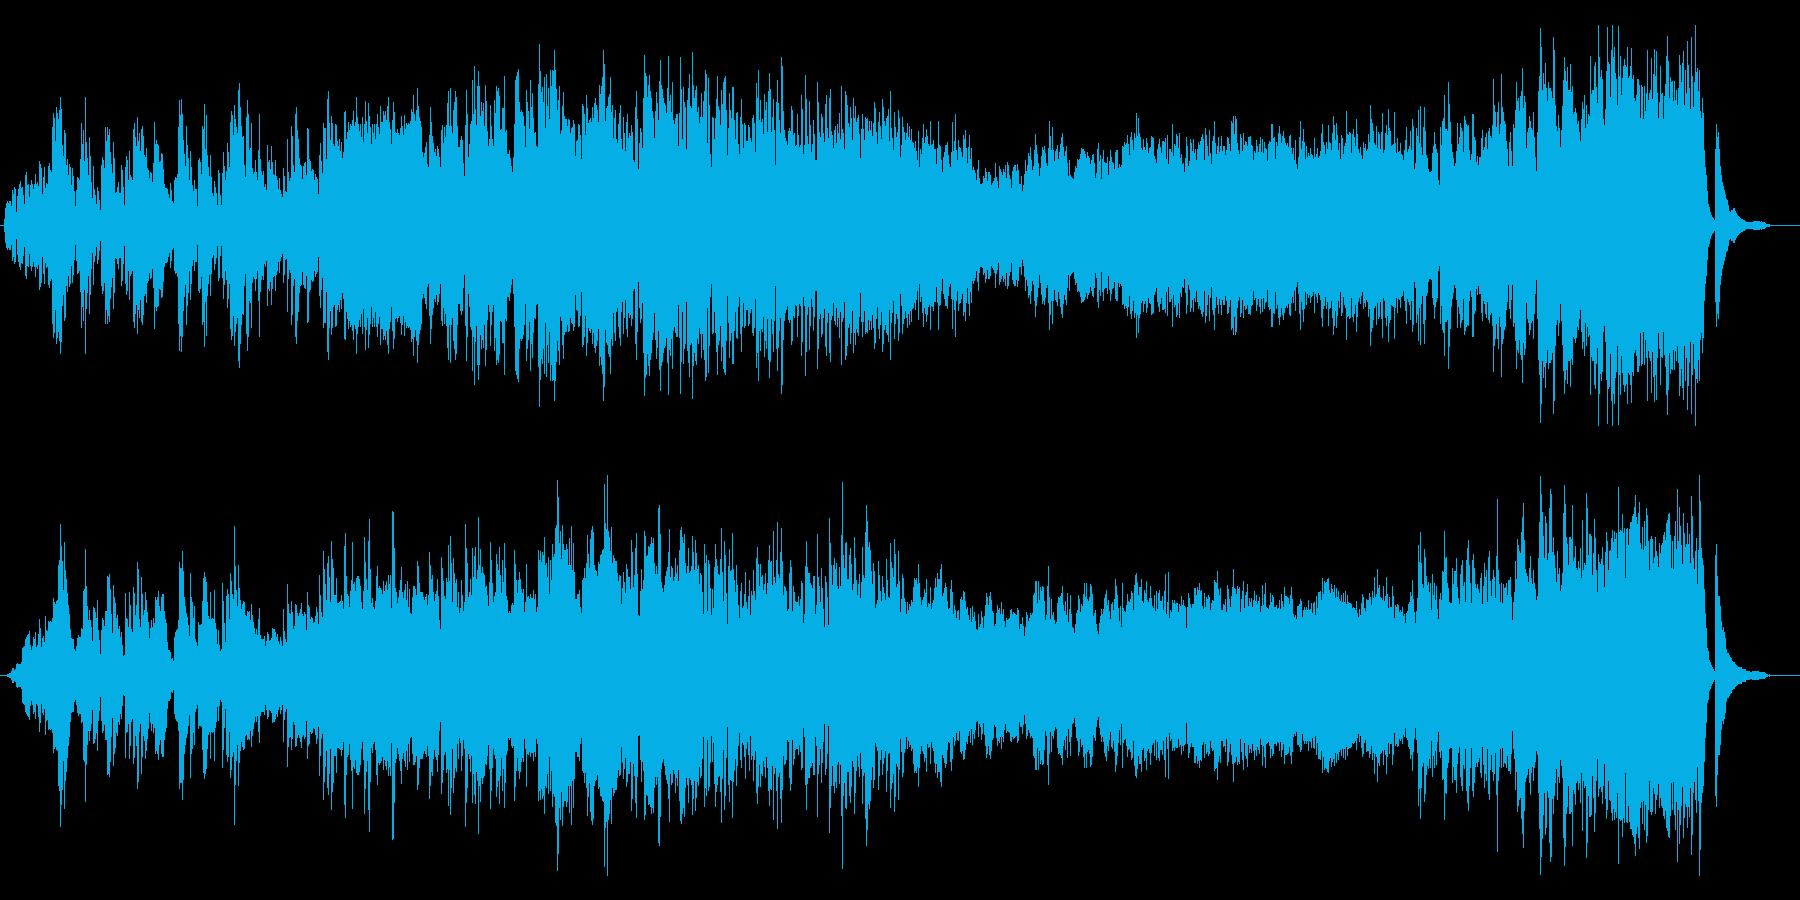 【ドラマ劇伴】何かが起こりそうな日常曲の再生済みの波形